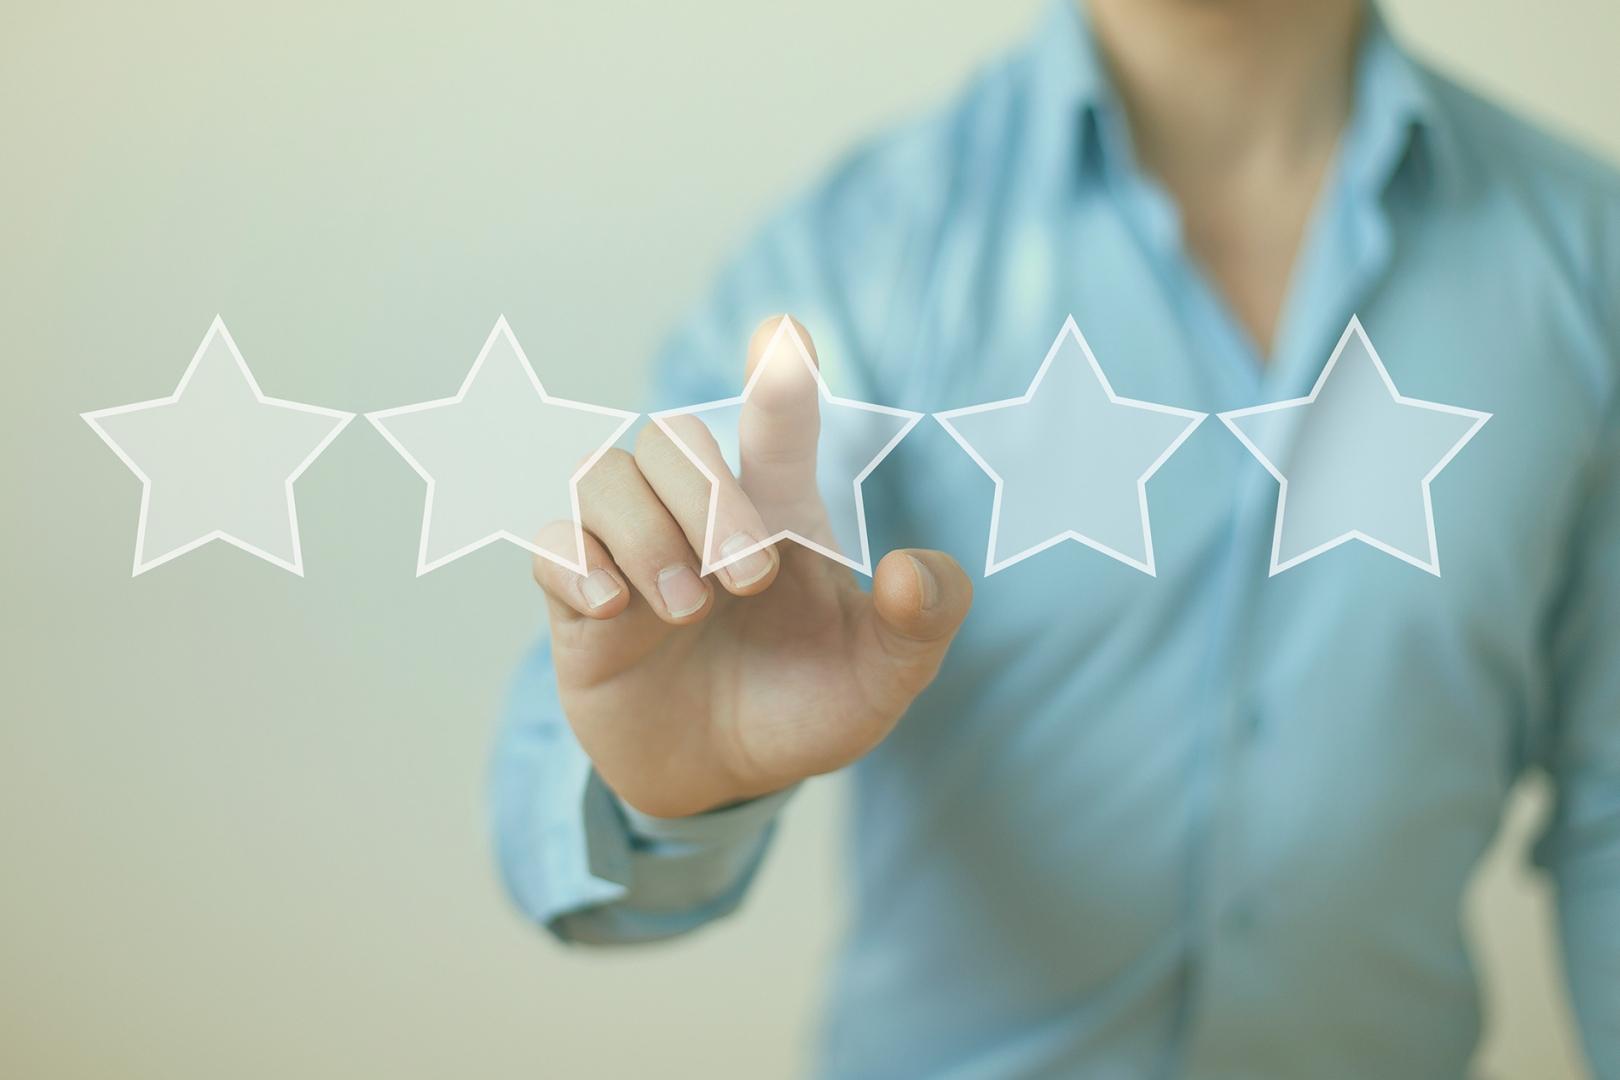 Istock-628509822 customer satisfaction data